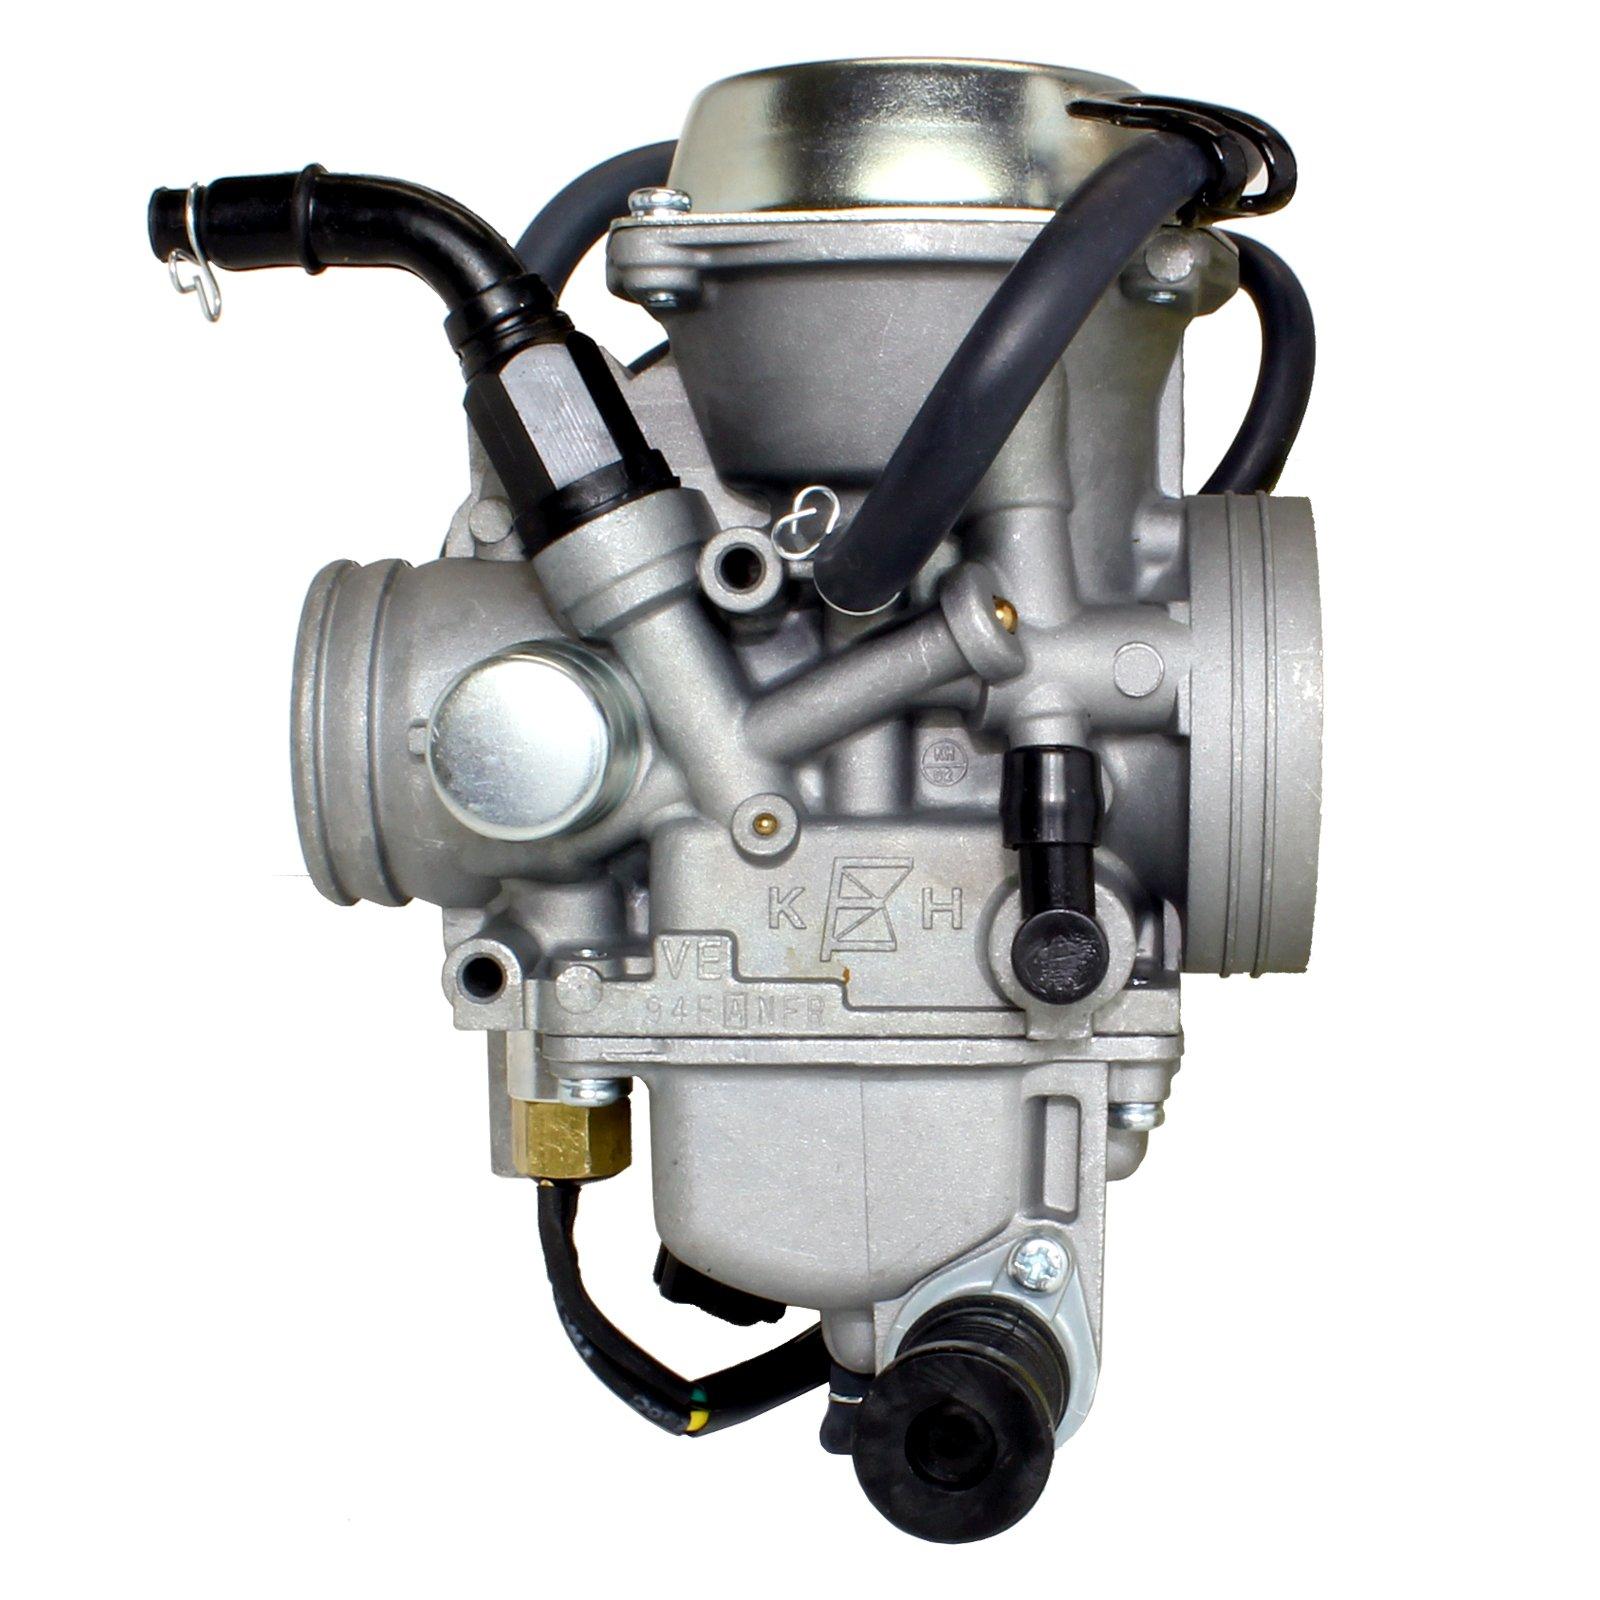 Caltric Carburetor Fits Honda 350 Rancher TRX350FE TRX350FM 2000-2003 New Carb by Caltric (Image #2)